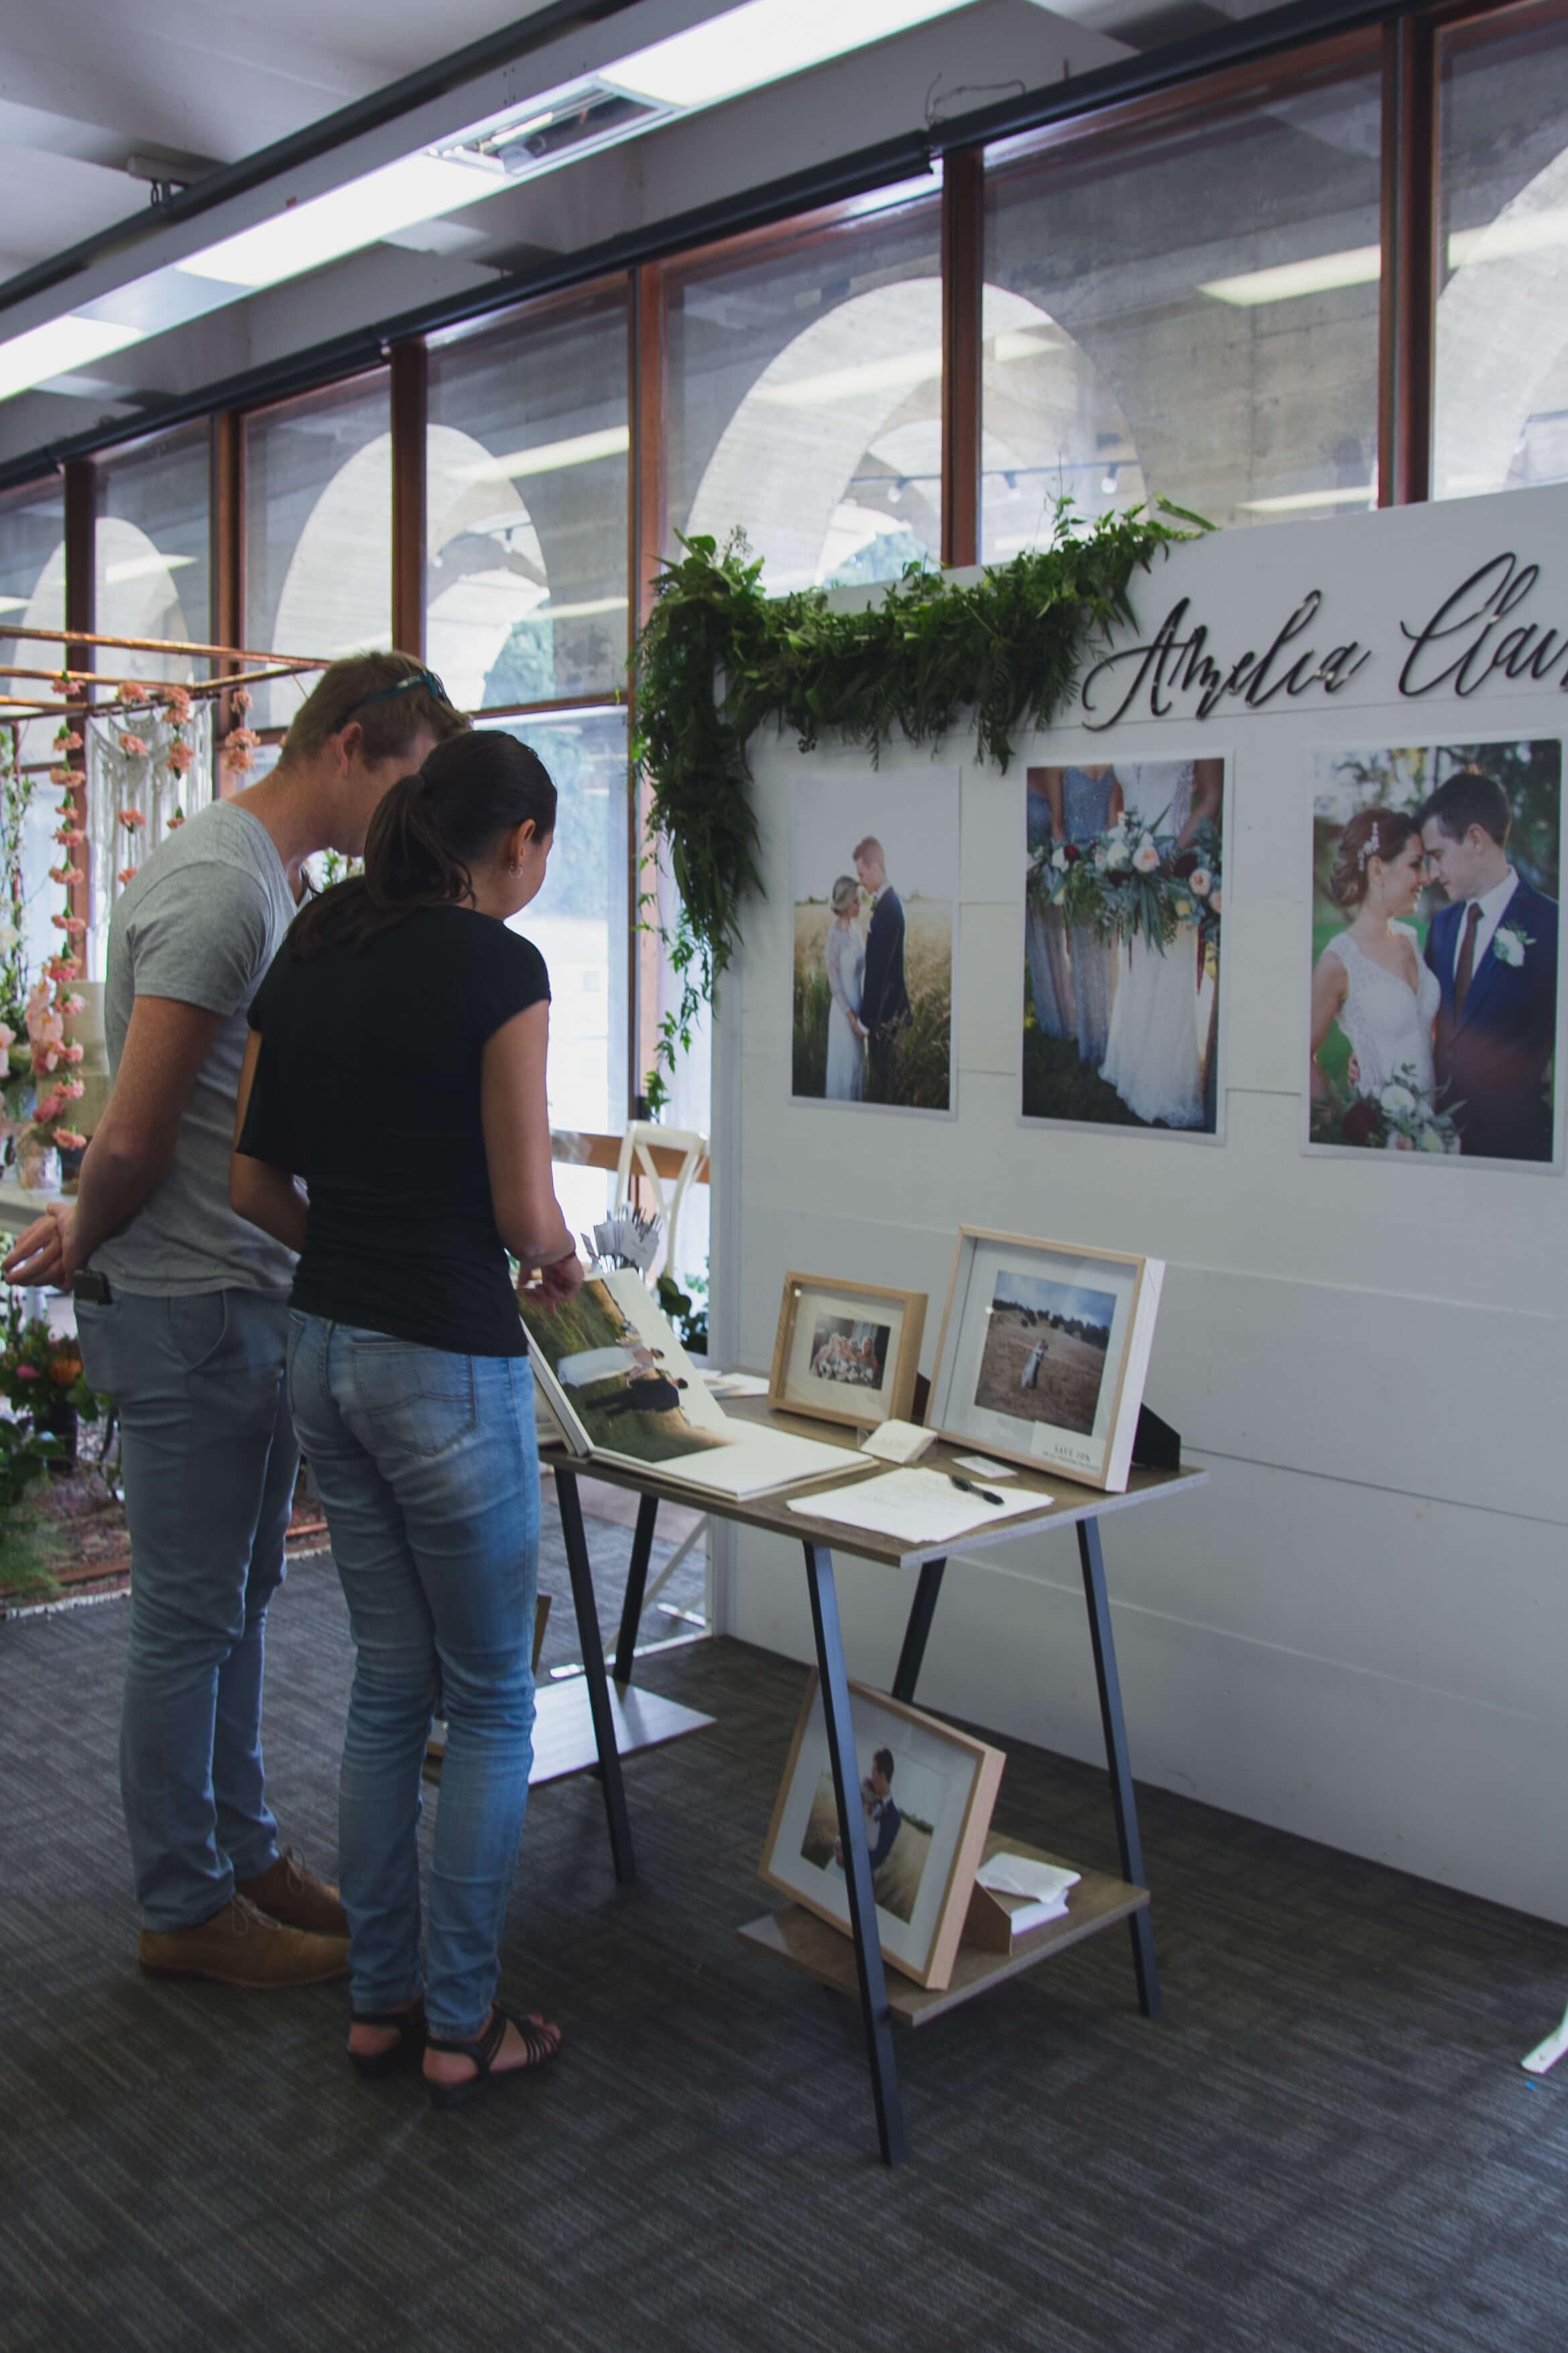 Couple wedding organizing photo book